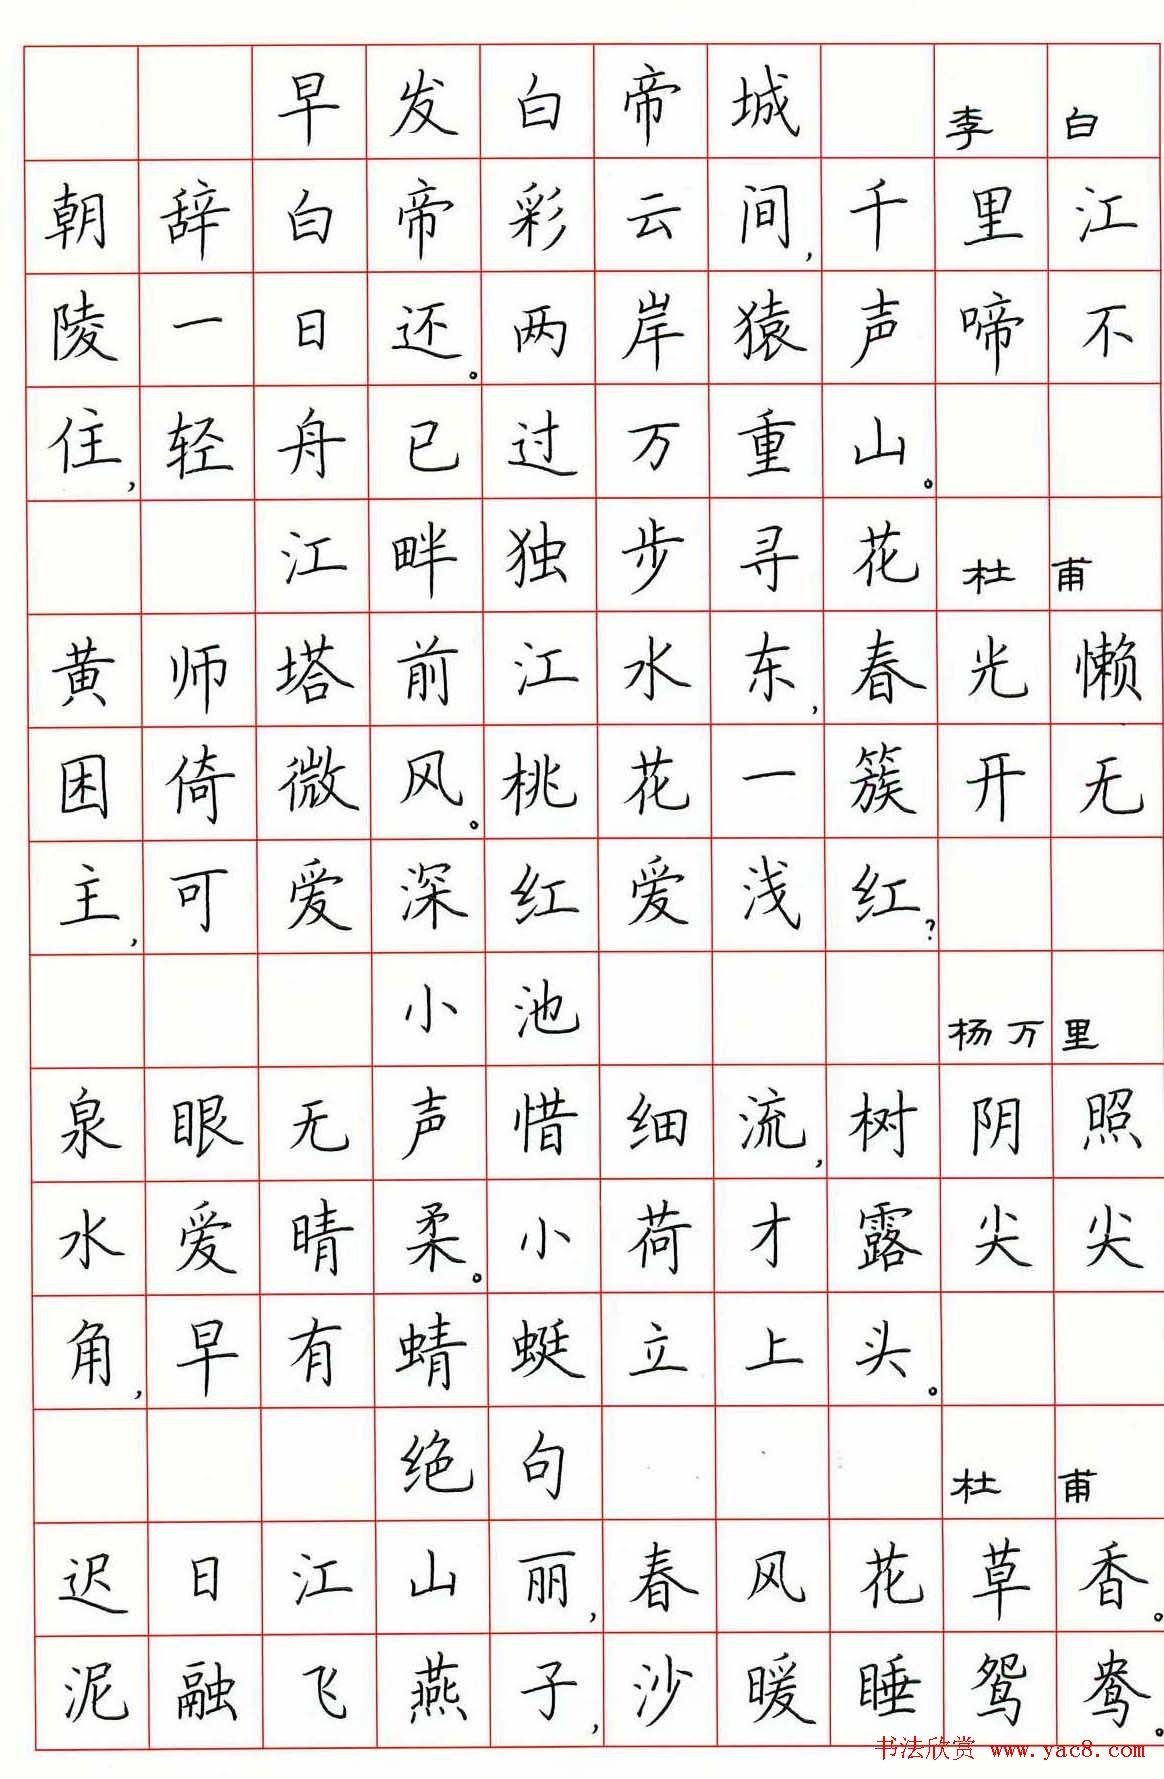 荆霄鹏硬笔书法作品《古诗选》(10)图片